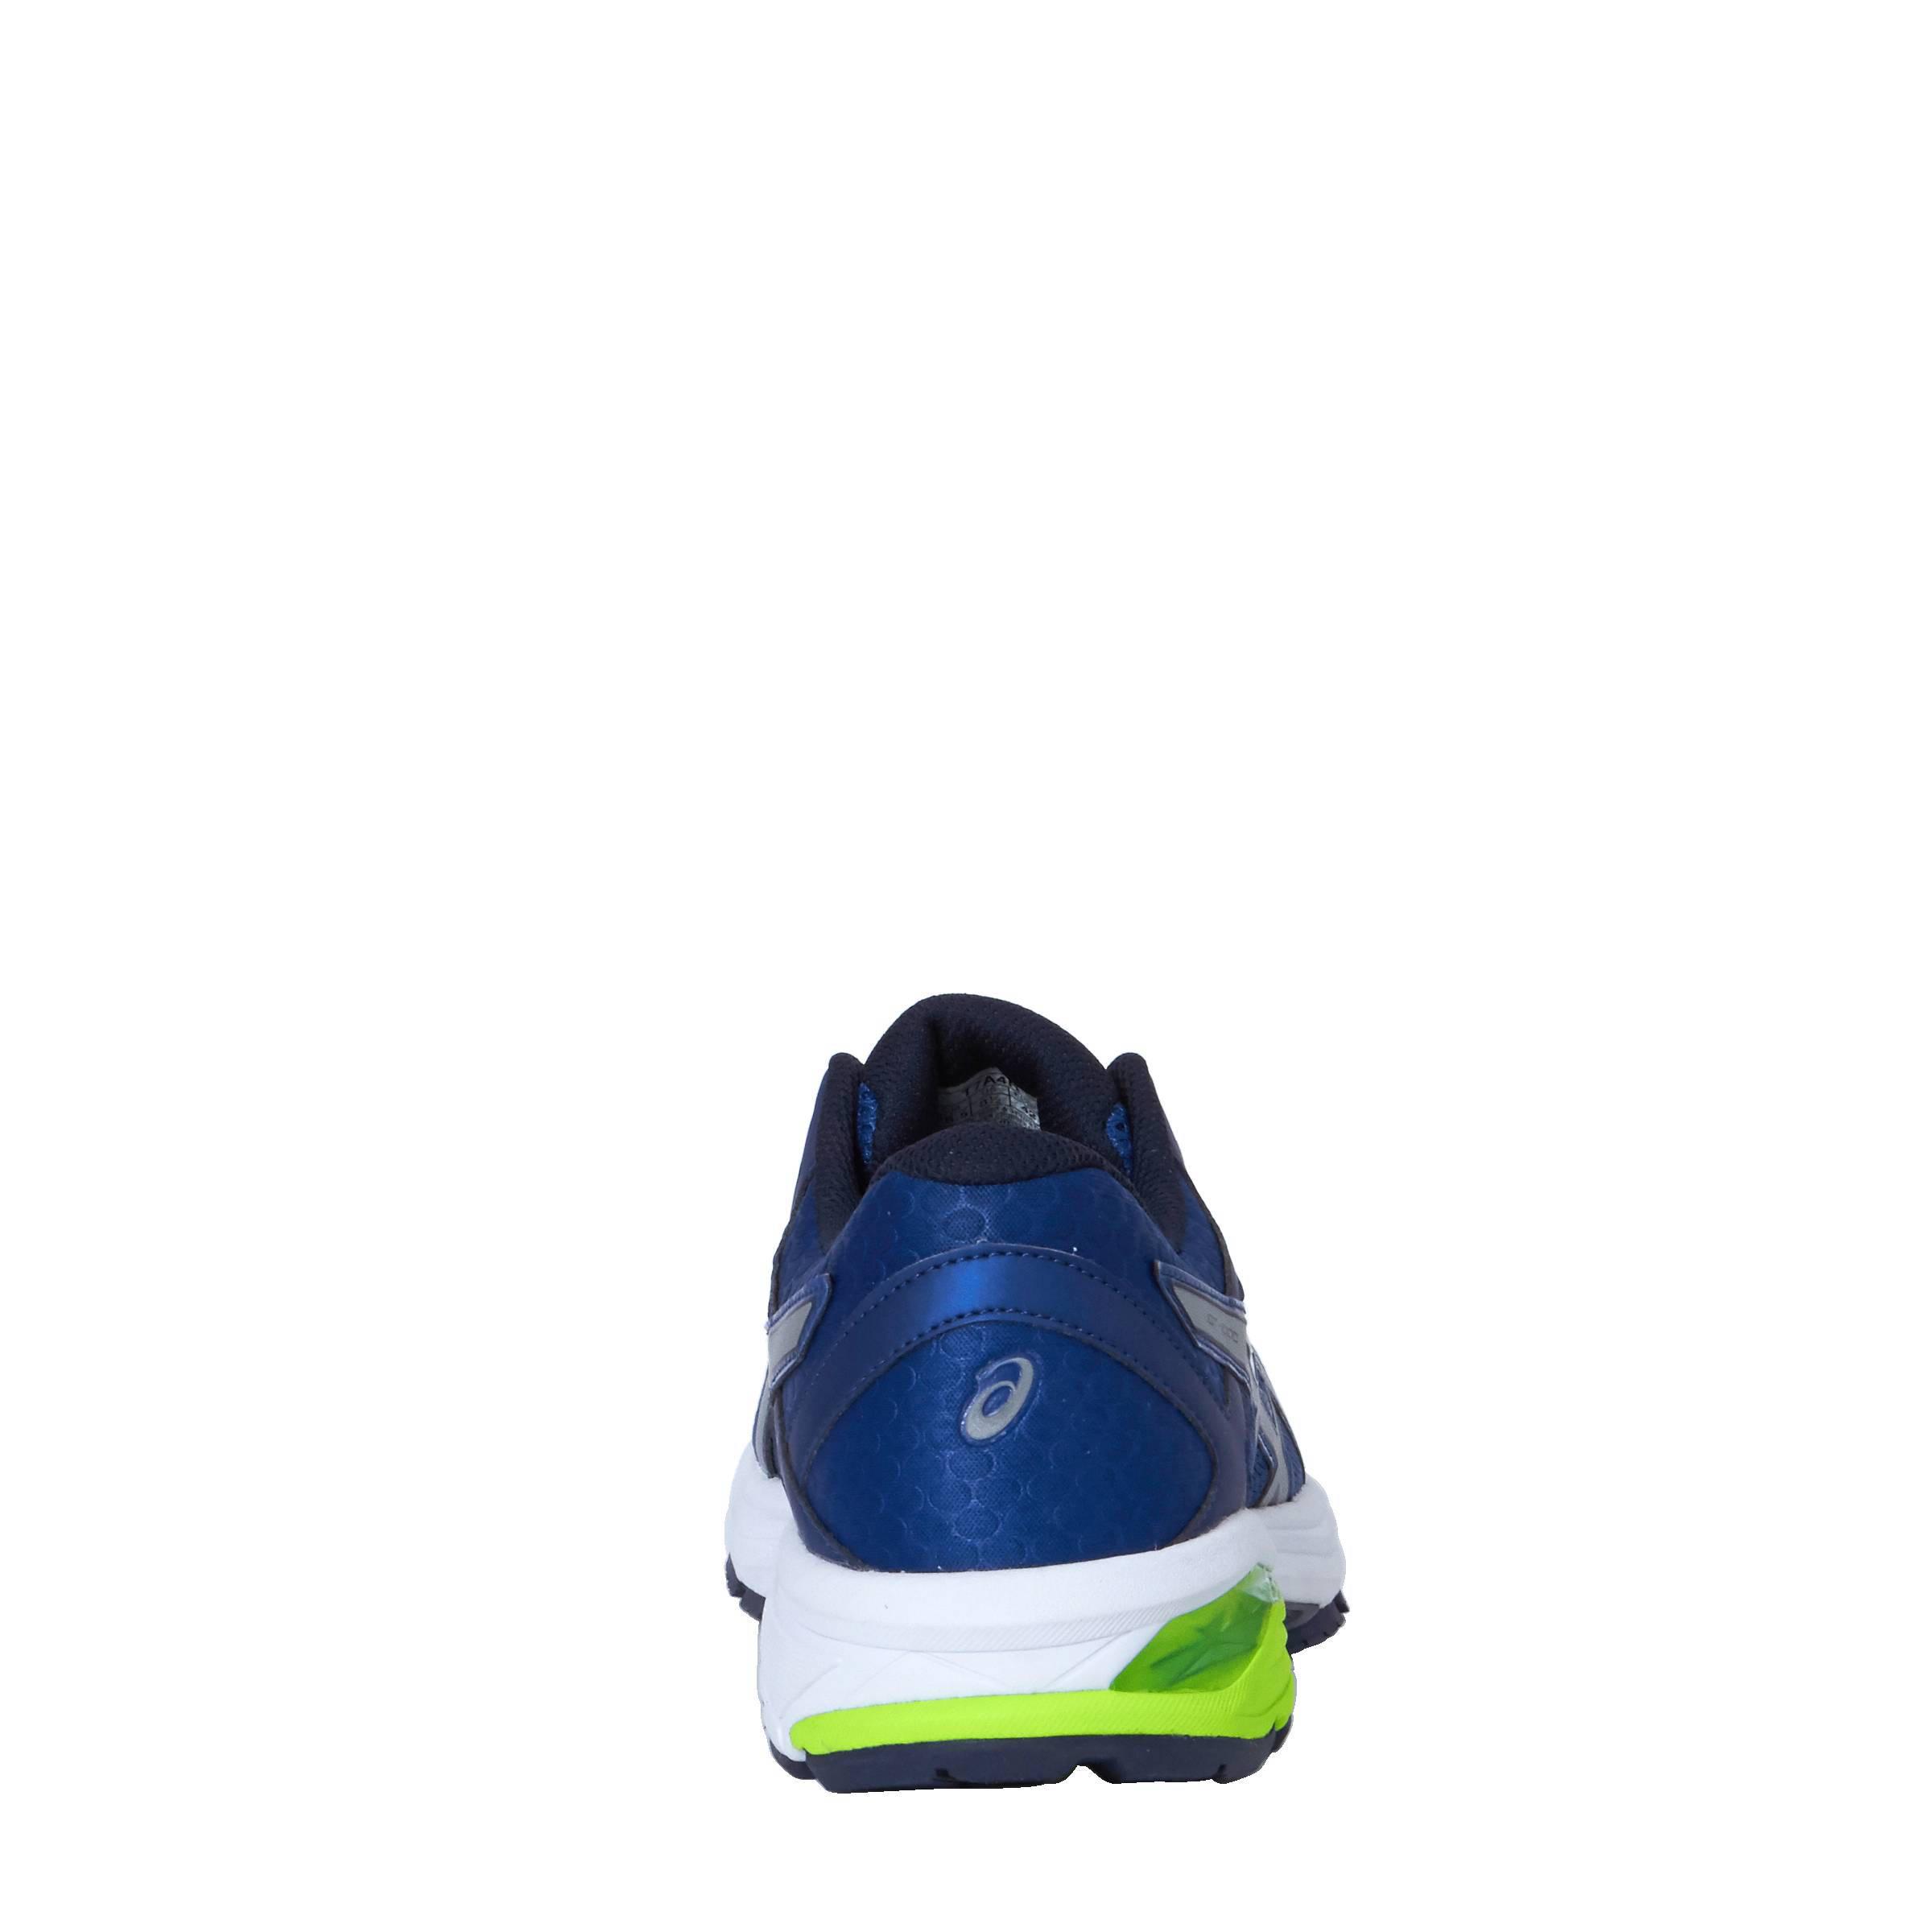 GT 1000 6 hardloopschoenen